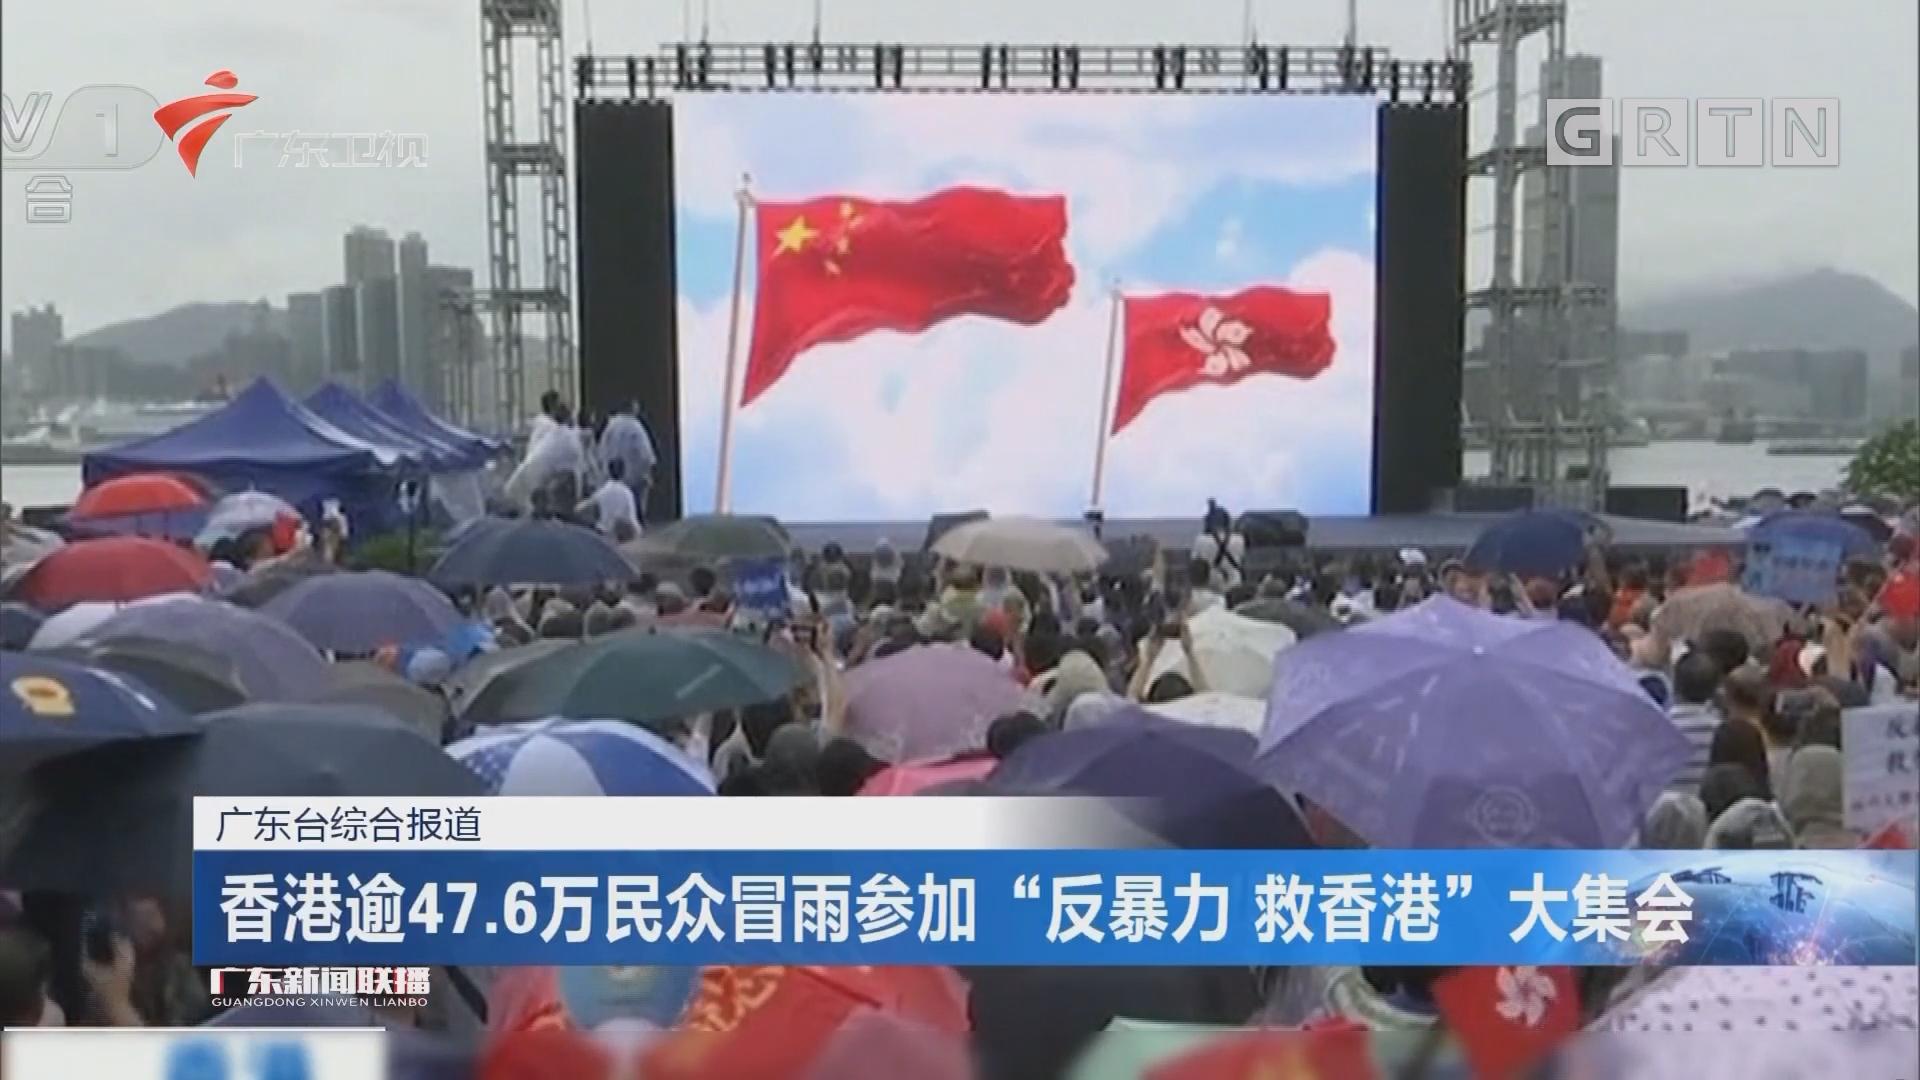 """香港逾47.6万民众冒雨参加""""反暴力 救香港""""大集会"""